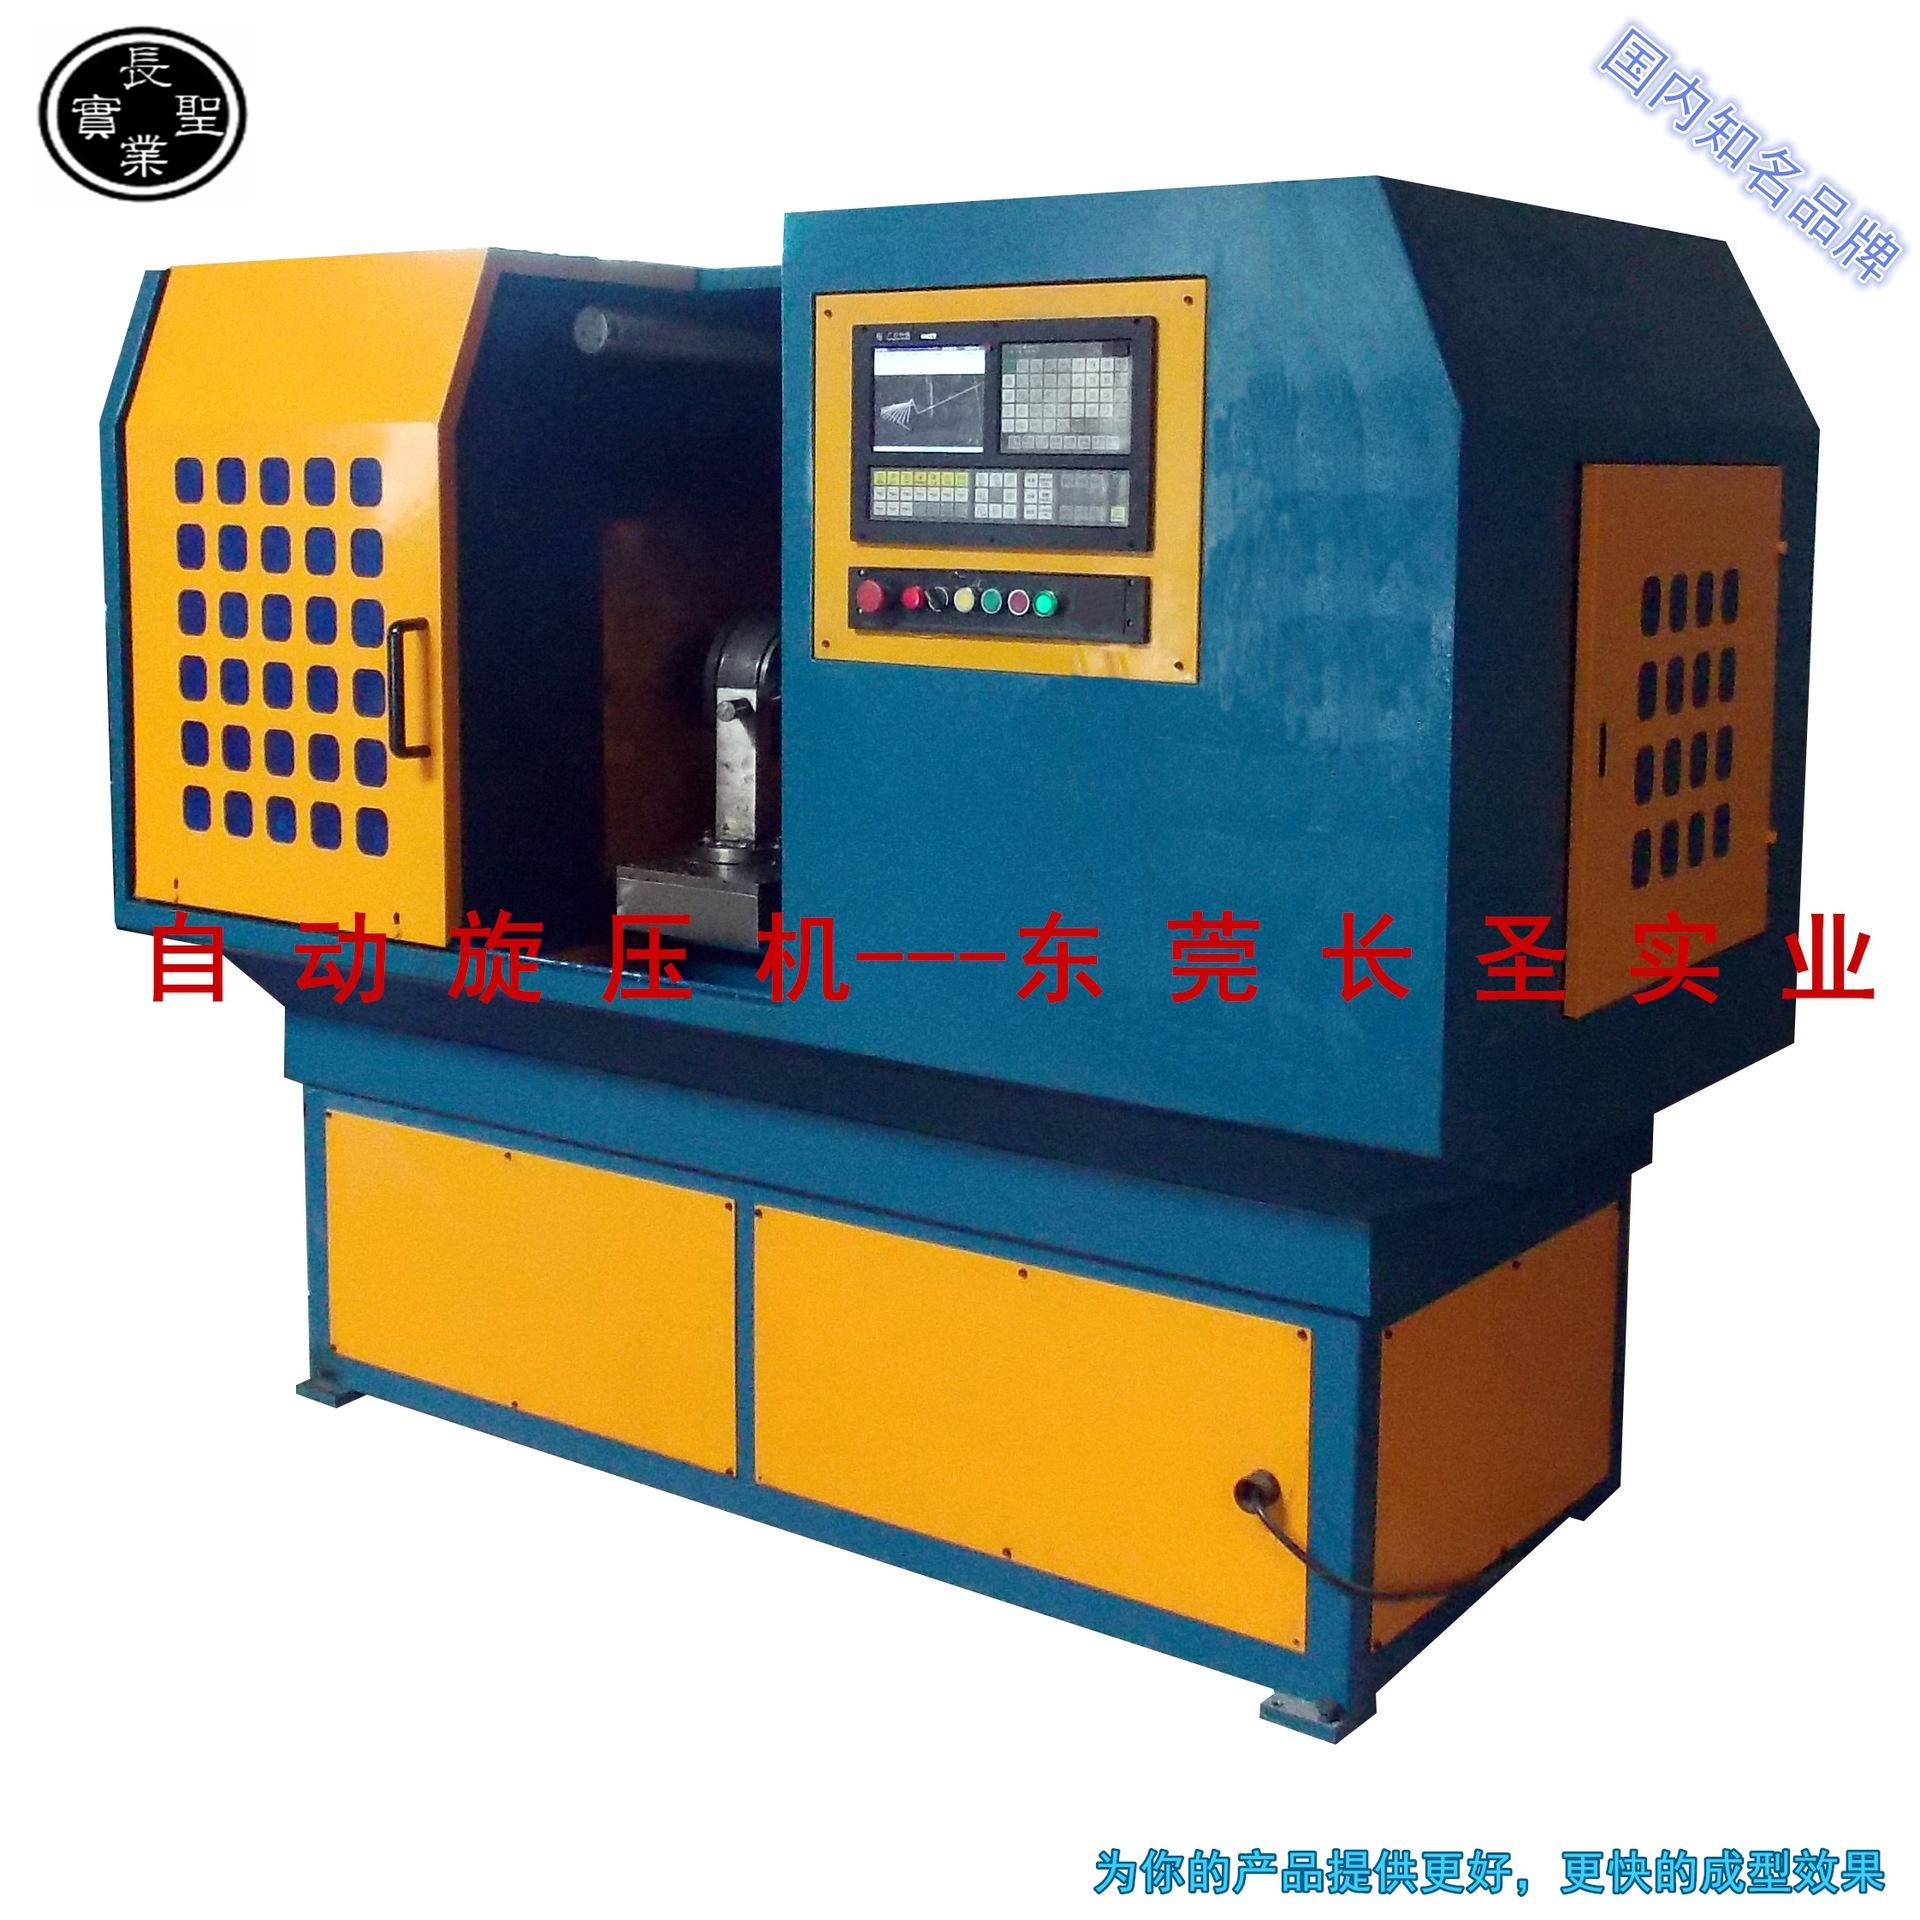 厂家自产 自动旋压机加工,数控旋压机加工,五金制品加工